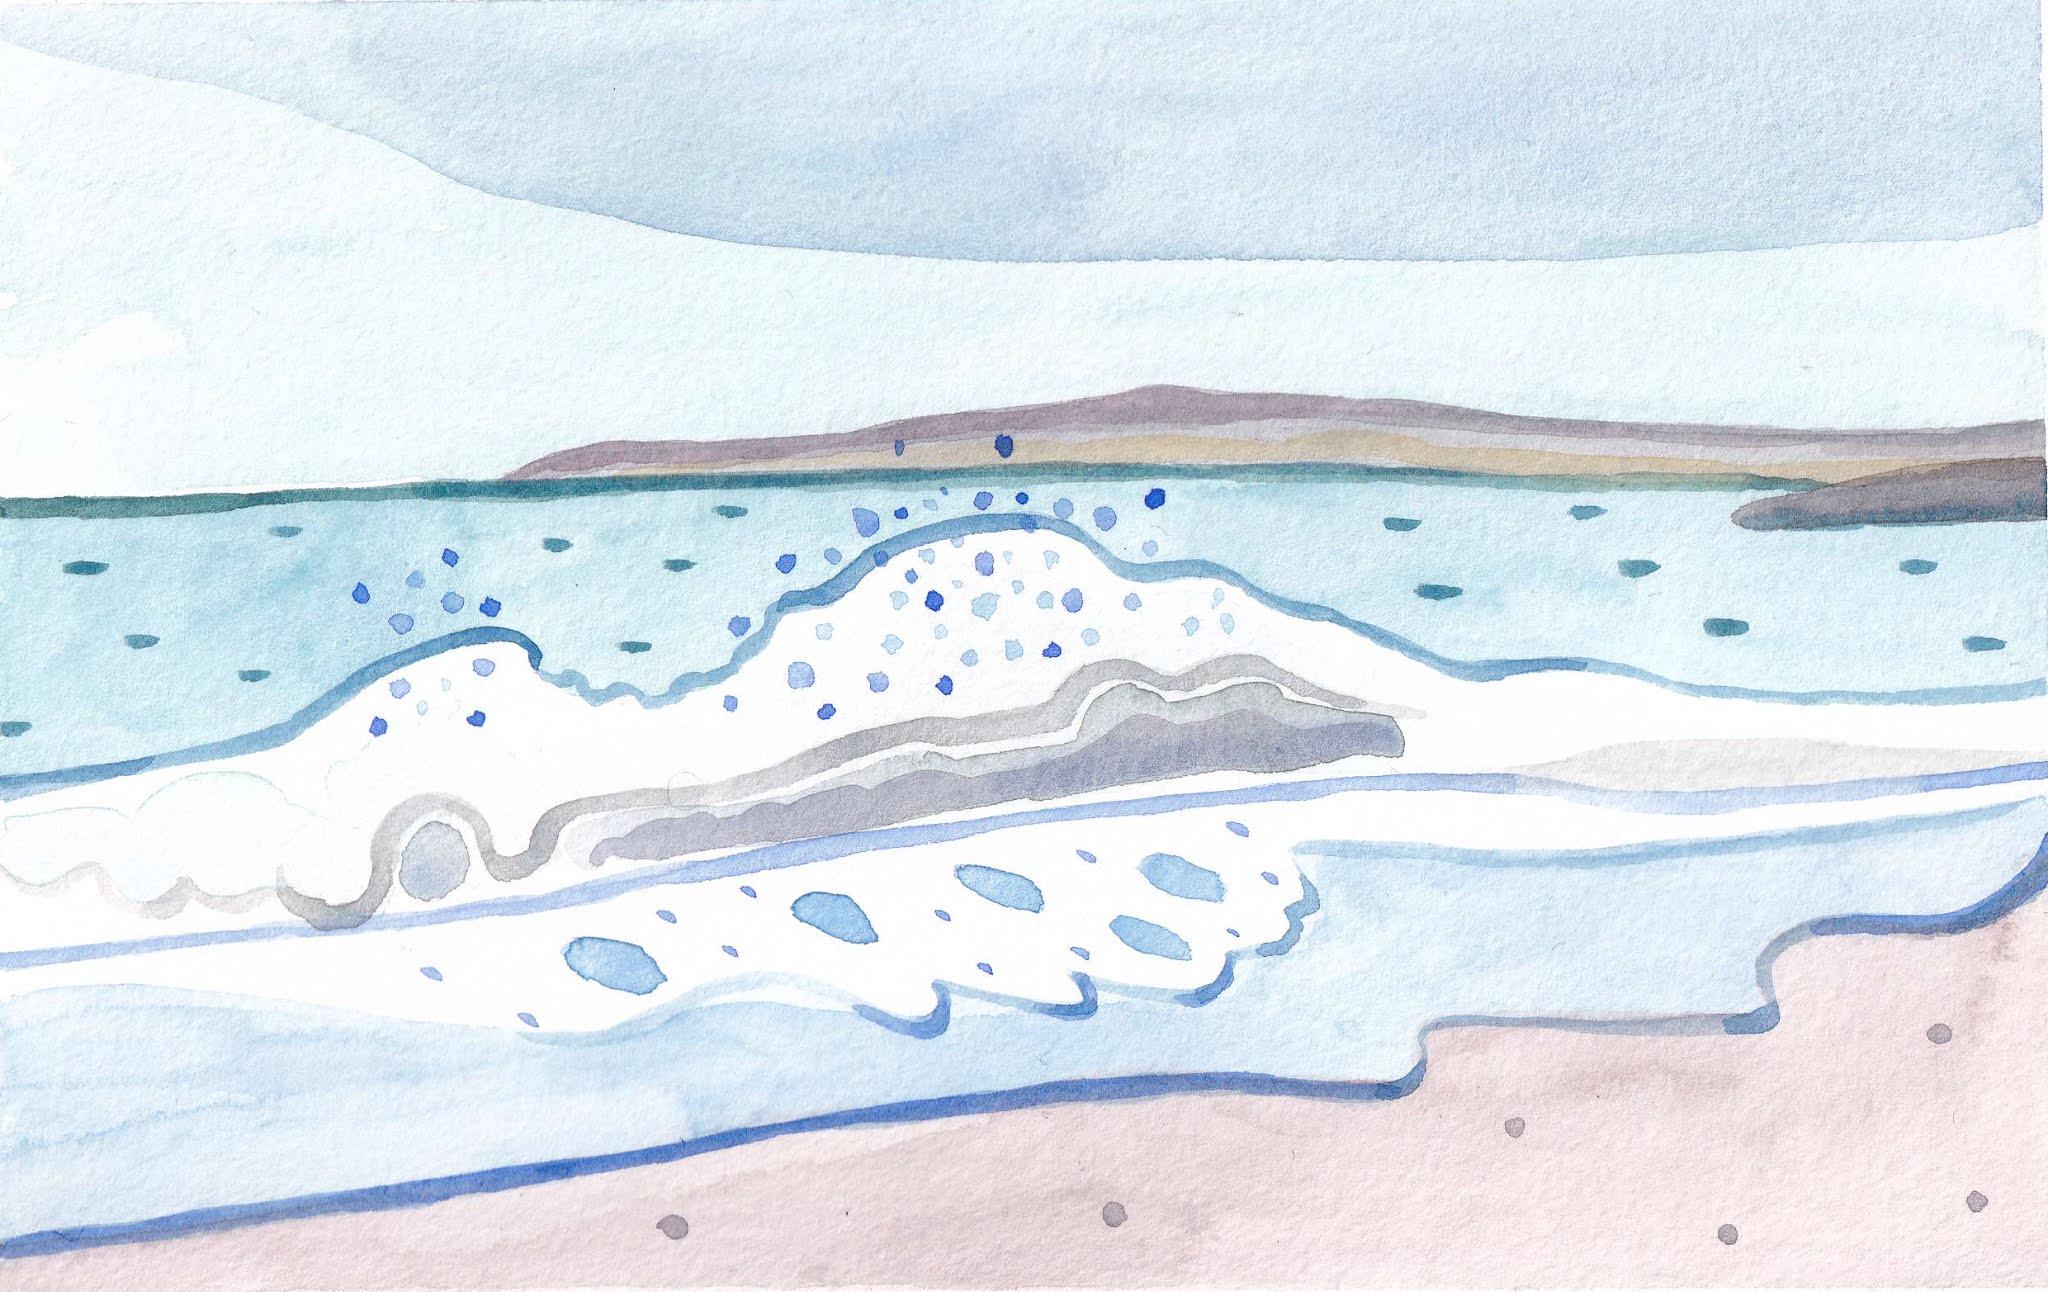 Crystal Crescent Wave by Kim Floyd